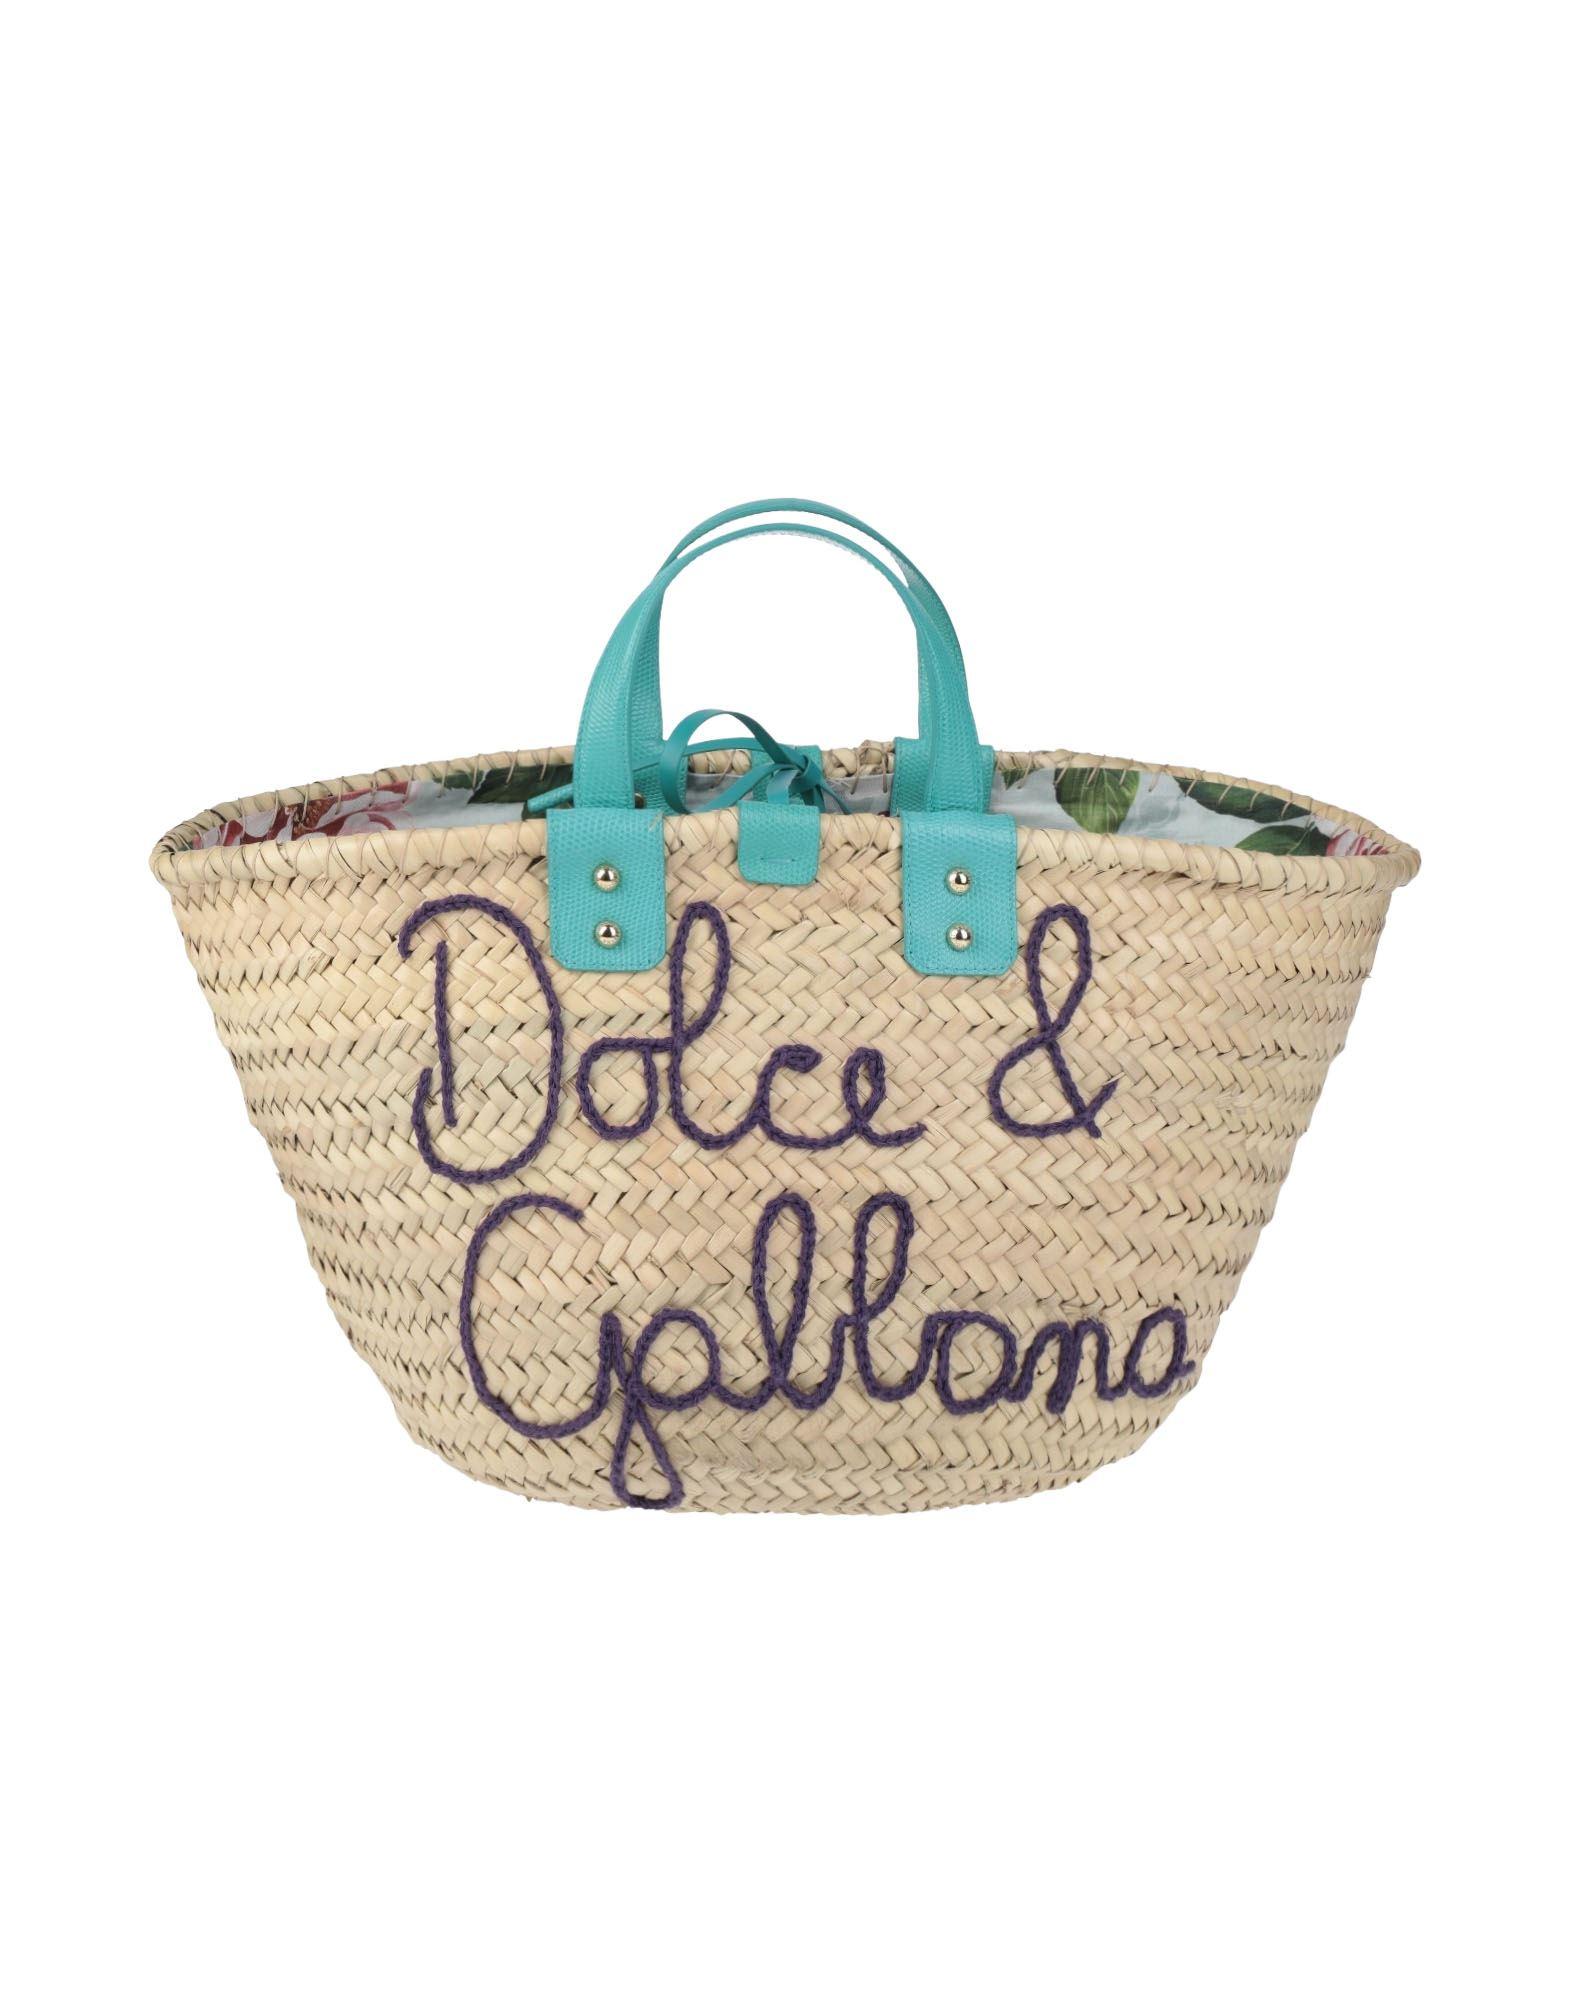 DOLCE & GABBANA ドルチェ & ガッバーナ レディース ハンドバッグ サンド